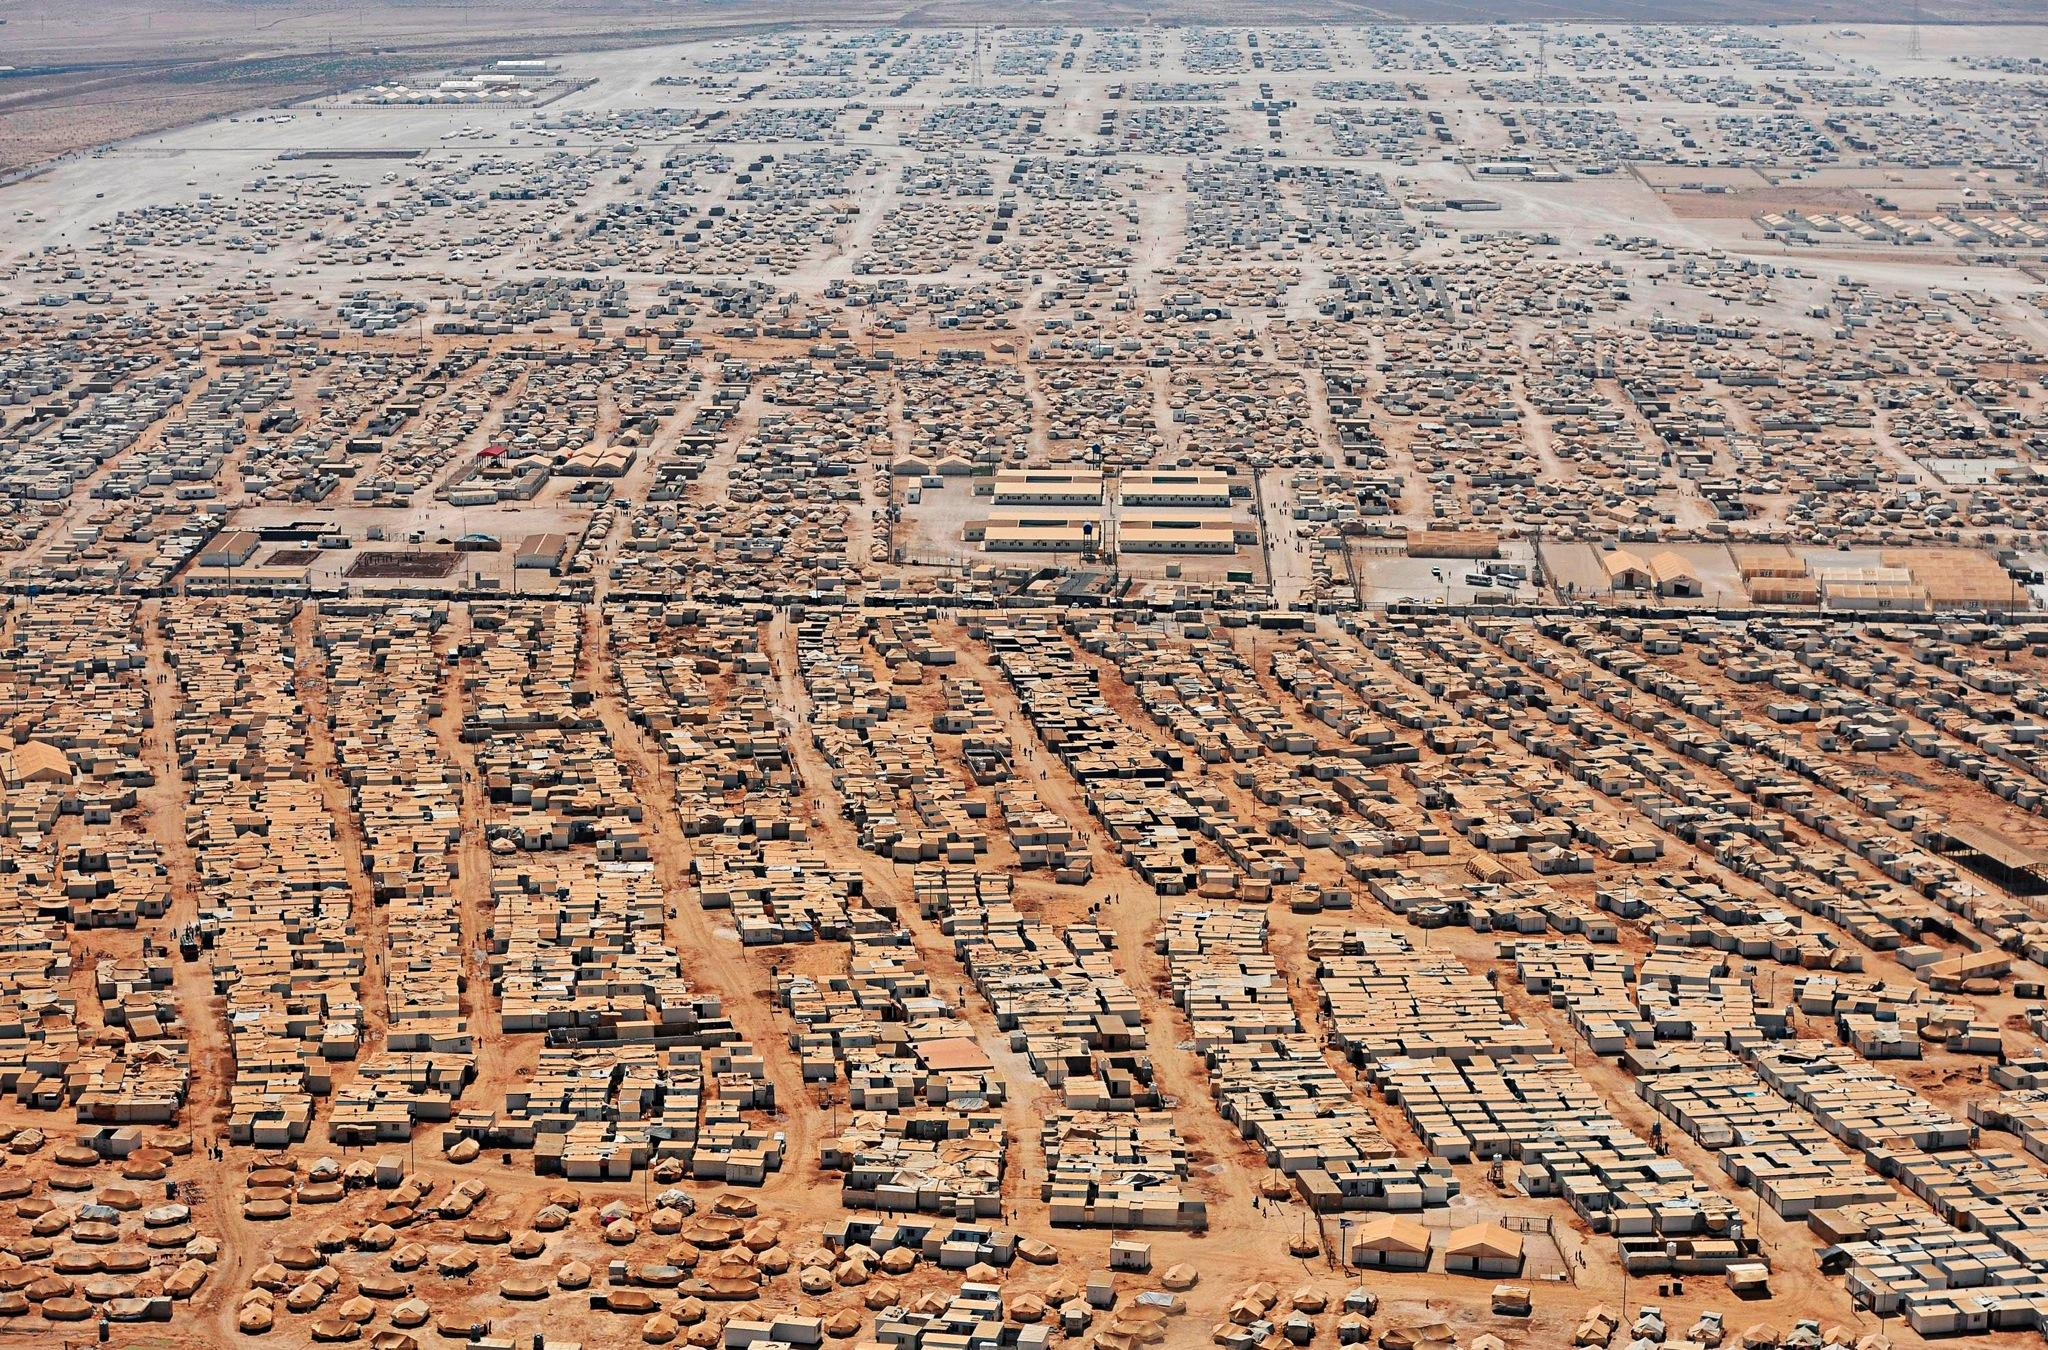 İyi Şeyler de Oluyor: Ürdün'de Dijital Para ile Alışveriş Yapılan Mülteci Kampı - 1